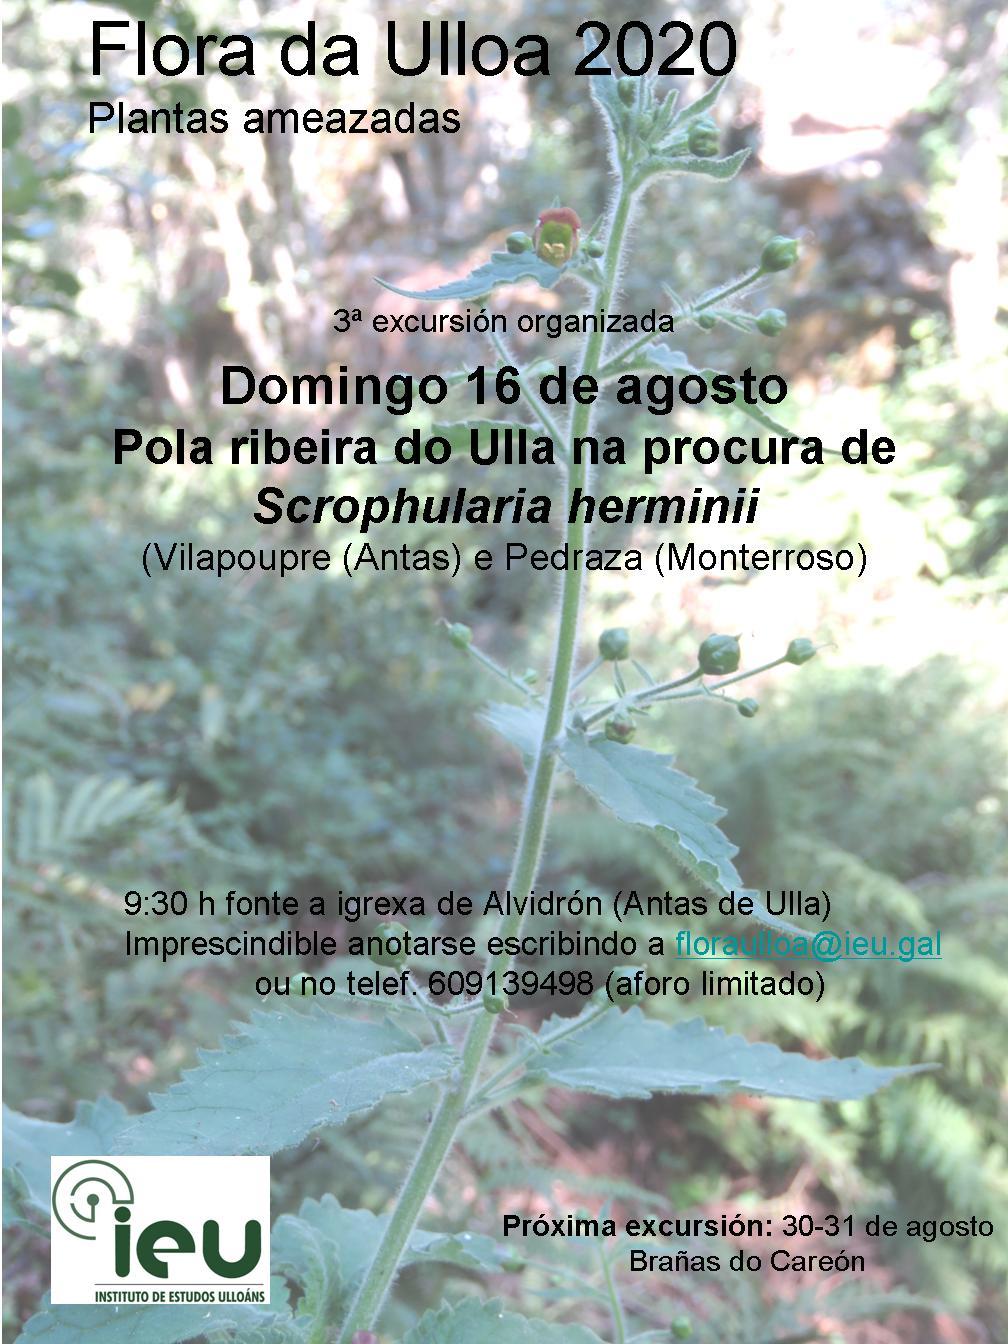 Excursión Flora da Ulloa 3-2020, Ribeira do Ulla na procura de Scrophularia herminii, Instituto de Estudos Ulloáns